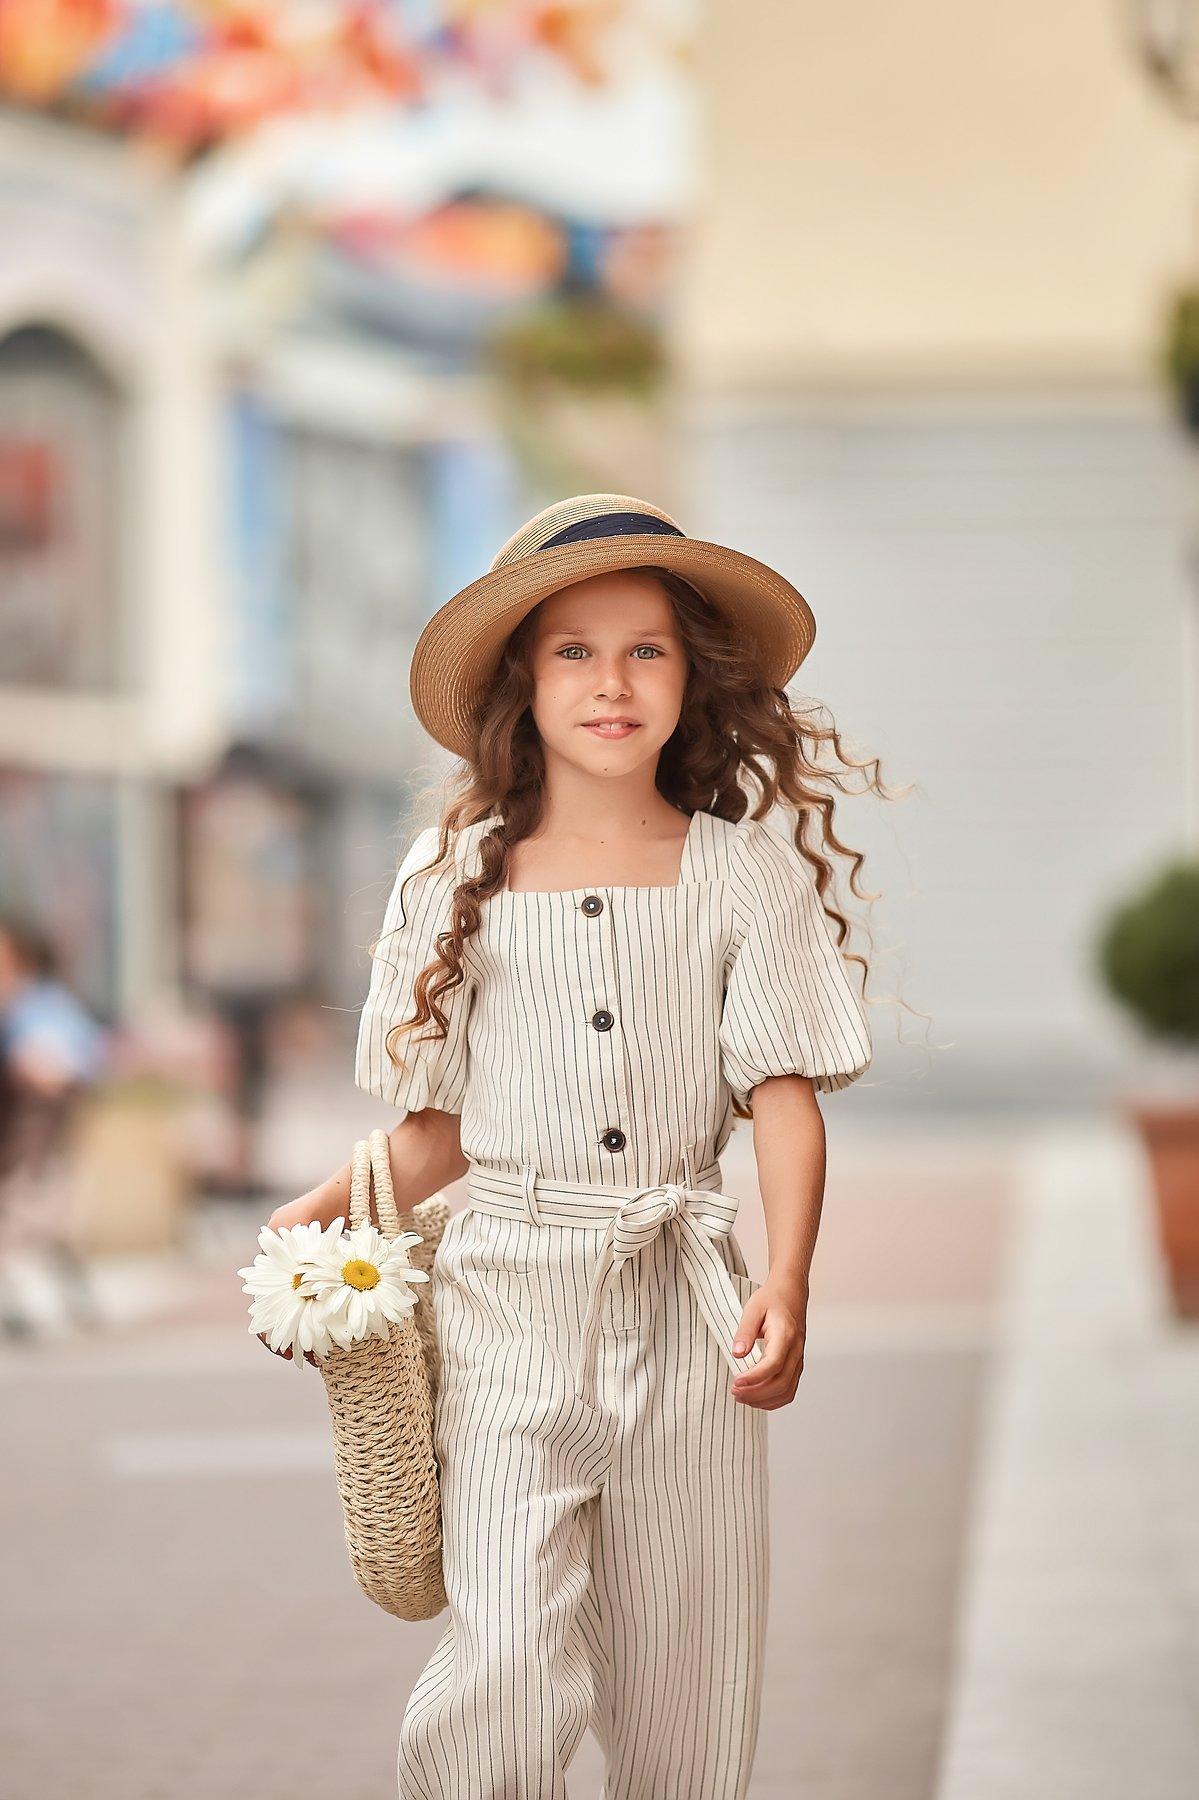 детский портрет, детская фотография,  красавица, дети модели, портрет, стрит, Чупико Анастасия